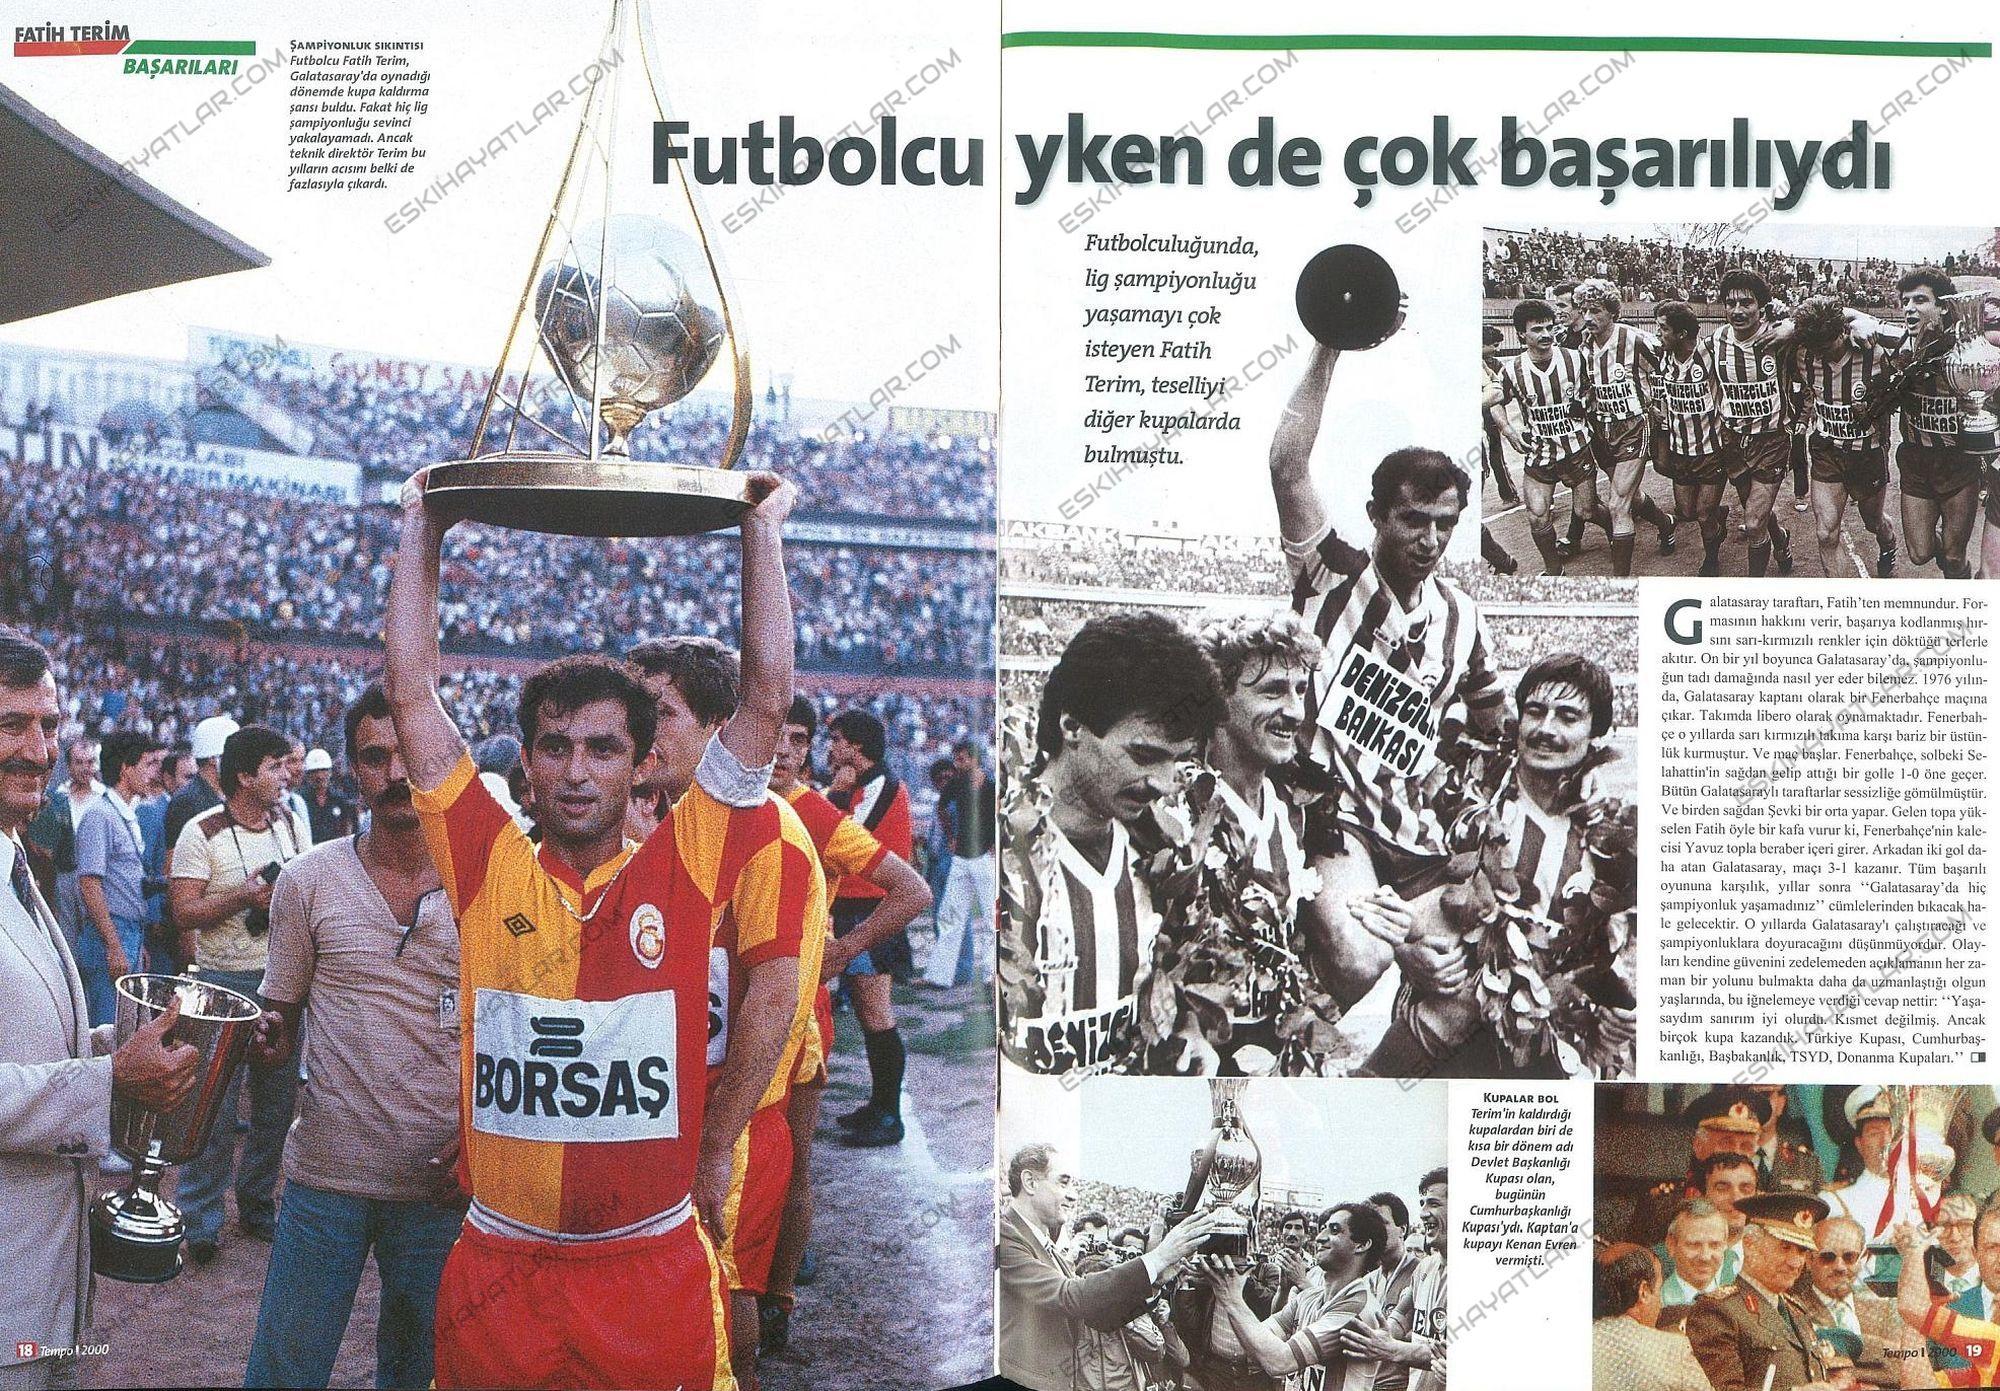 fatih-terim-fotograflari-fatih-terim-futbol-kariyeri-2000-yili-tempo-dergisi-arsivleri (11)